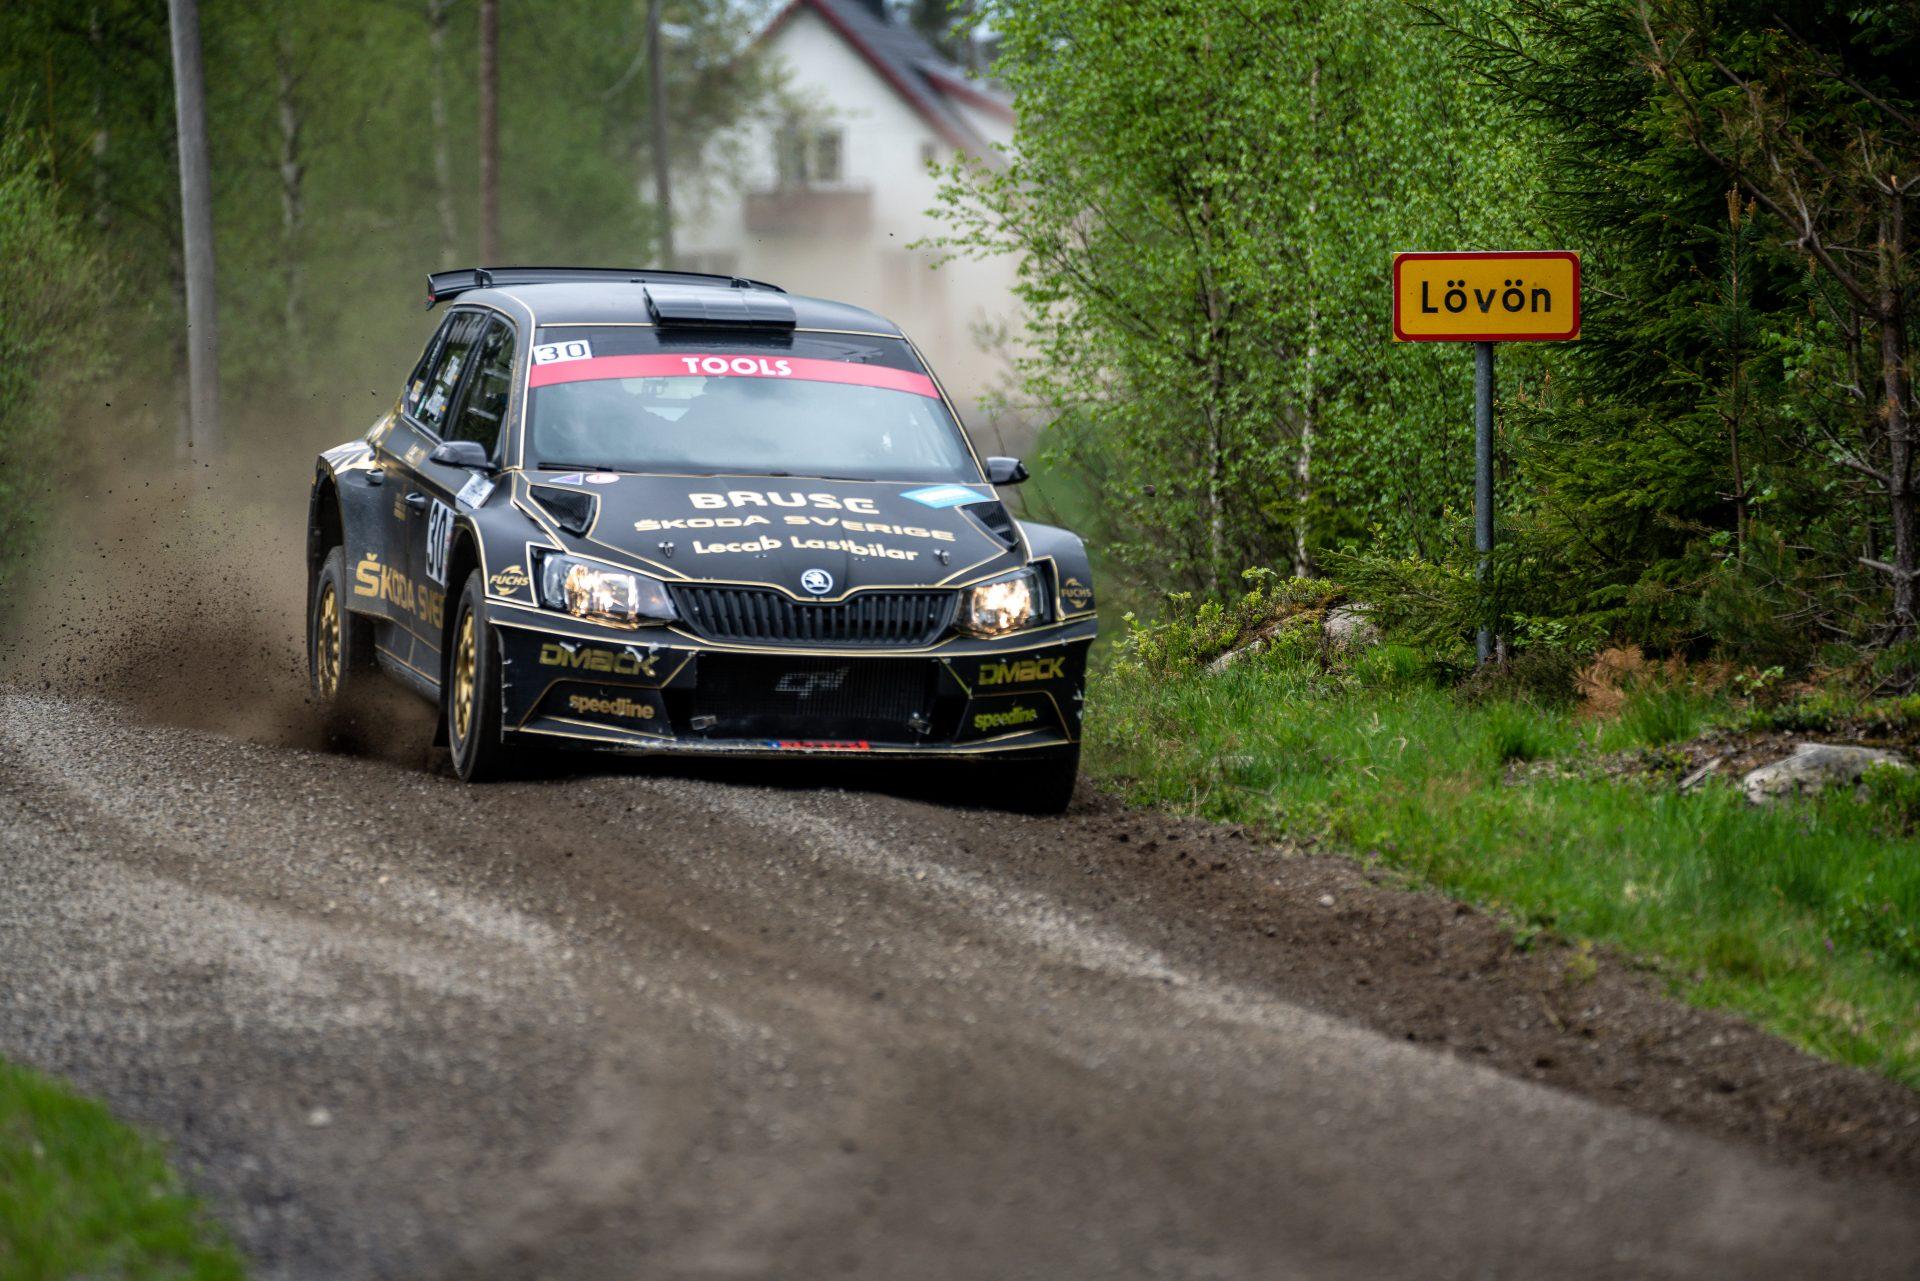 Fredrik Åhlin: Příběh comebacku | Zákaznické týmy